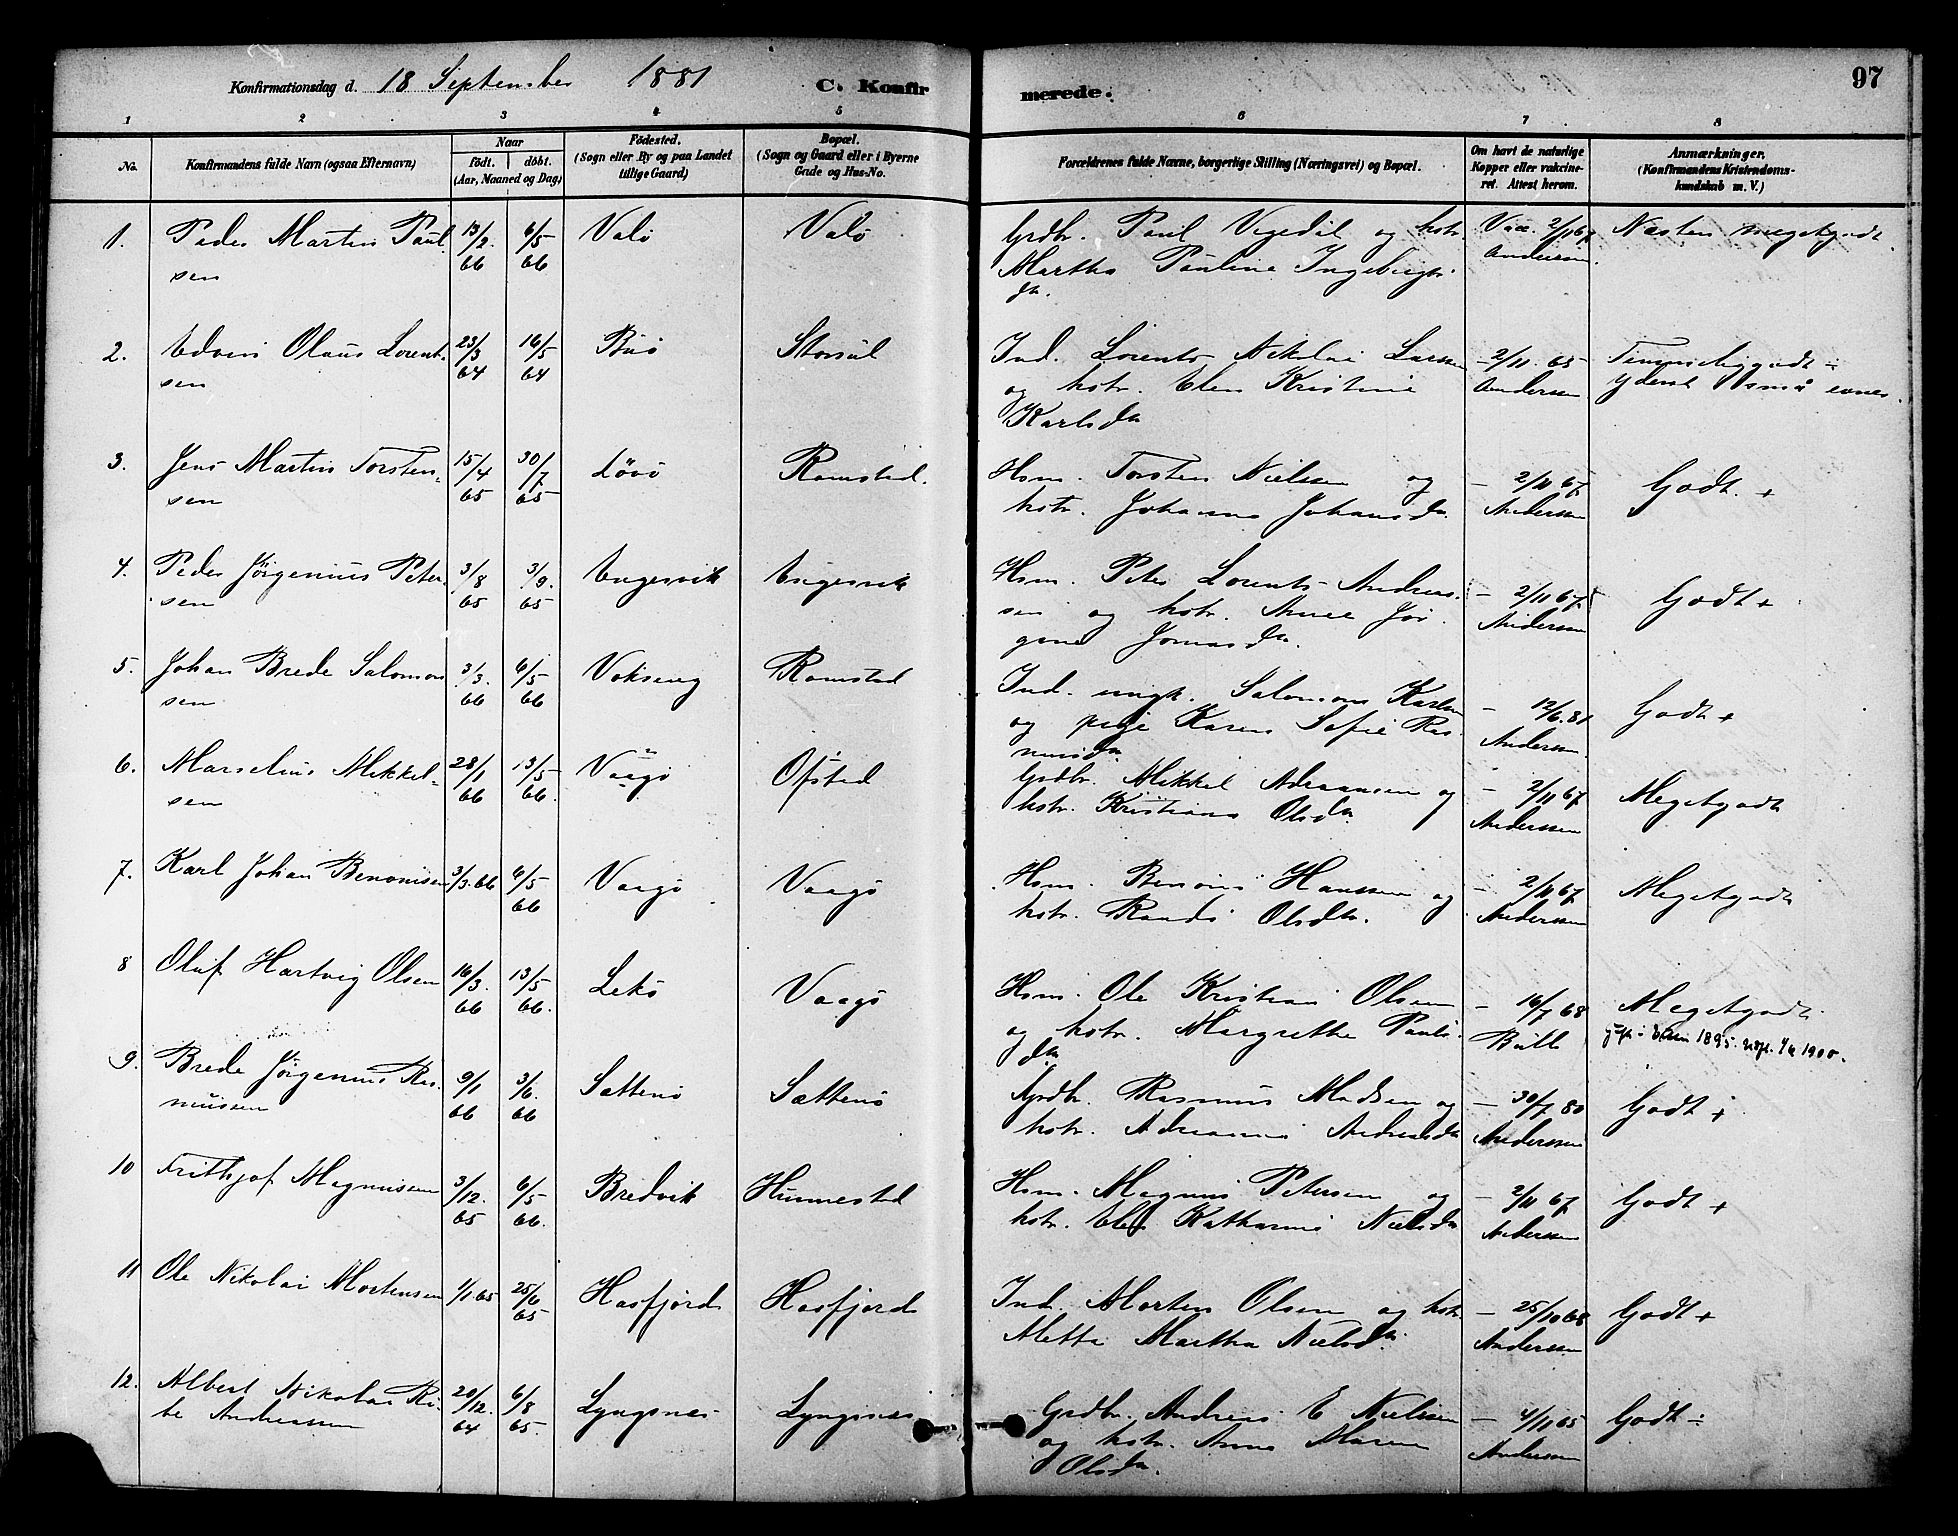 SAT, Ministerialprotokoller, klokkerbøker og fødselsregistre - Nord-Trøndelag, 786/L0686: Ministerialbok nr. 786A02, 1880-1887, s. 97